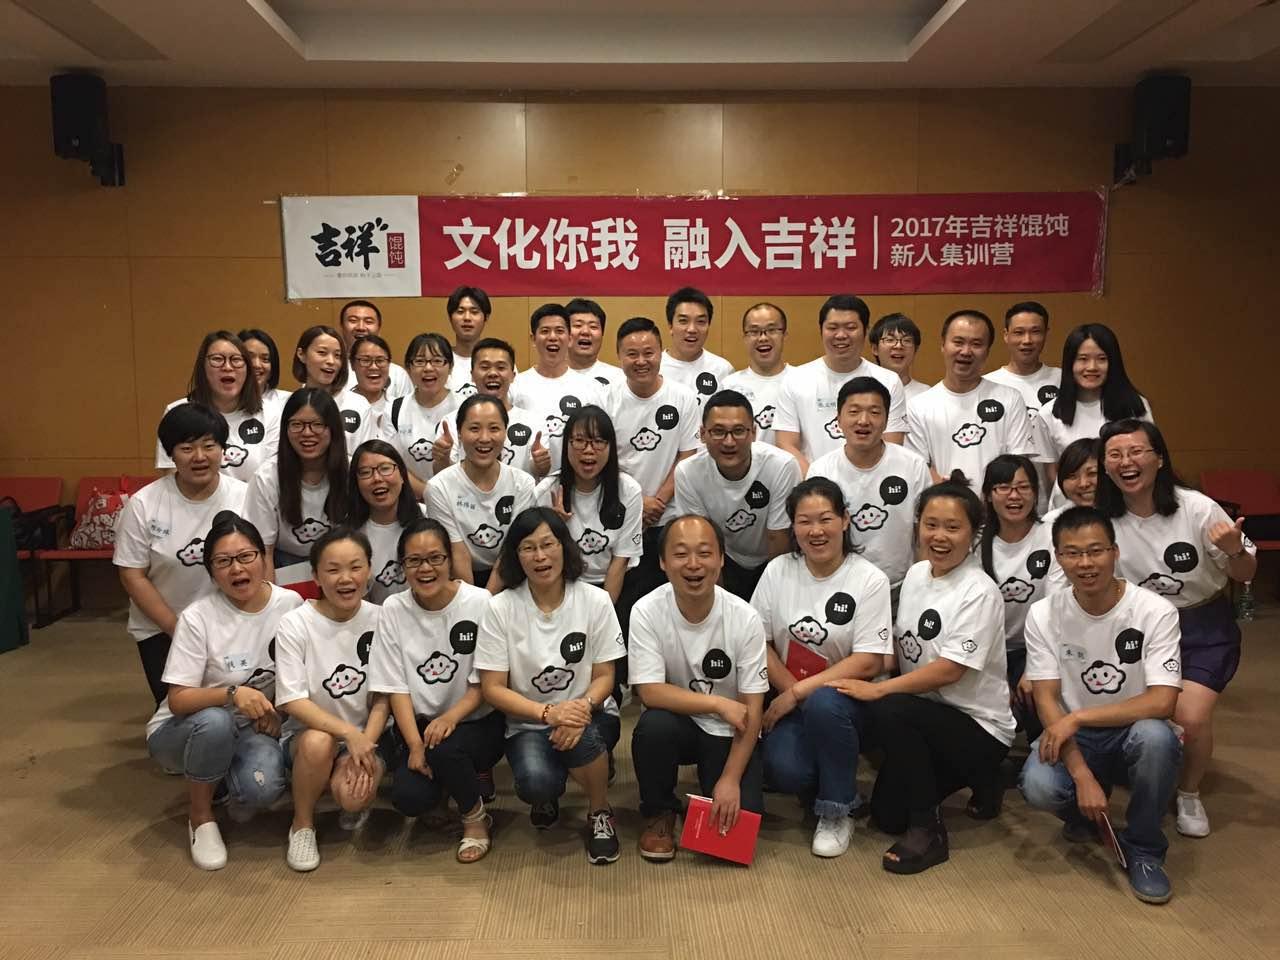 中式快餐加盟经历分享